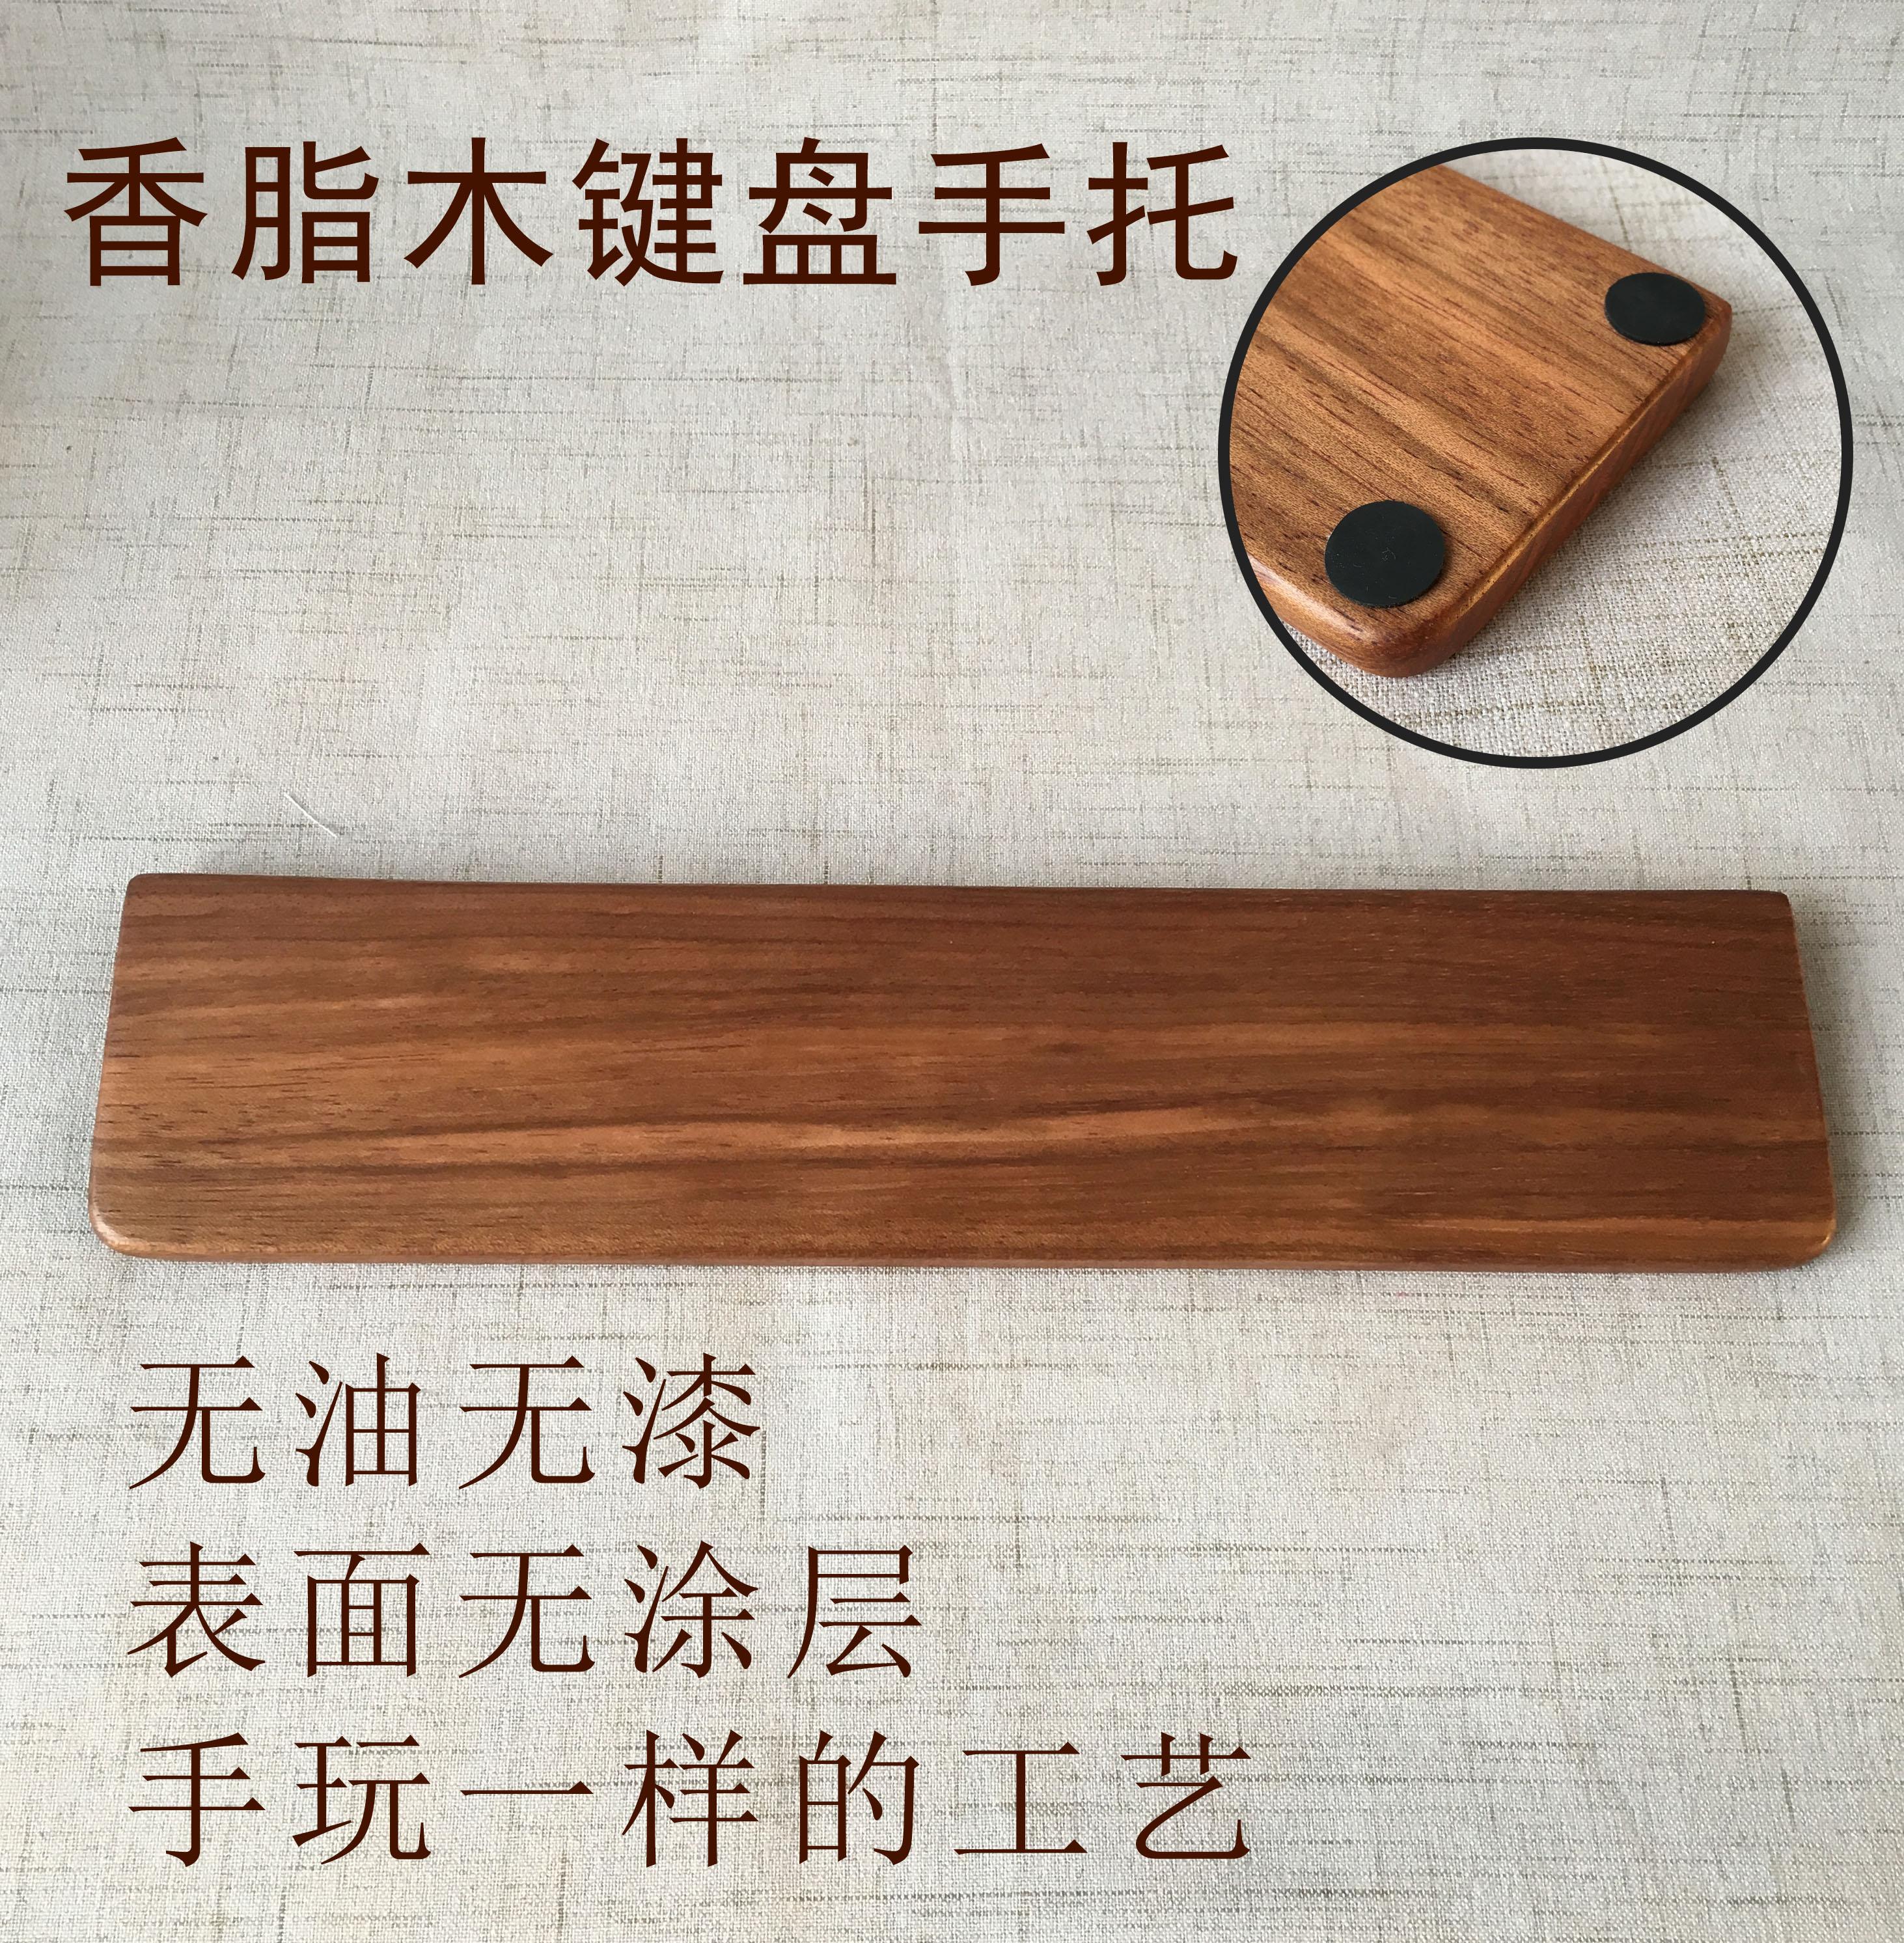 可定制机械键盘木手托护腕垫手枕鼠标腕托电脑实木掌托木托木质托